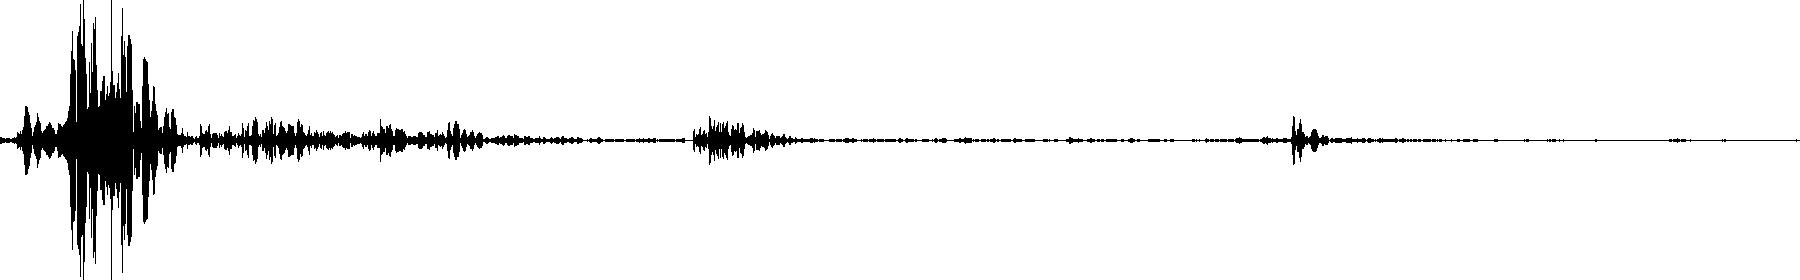 13898 46 wav